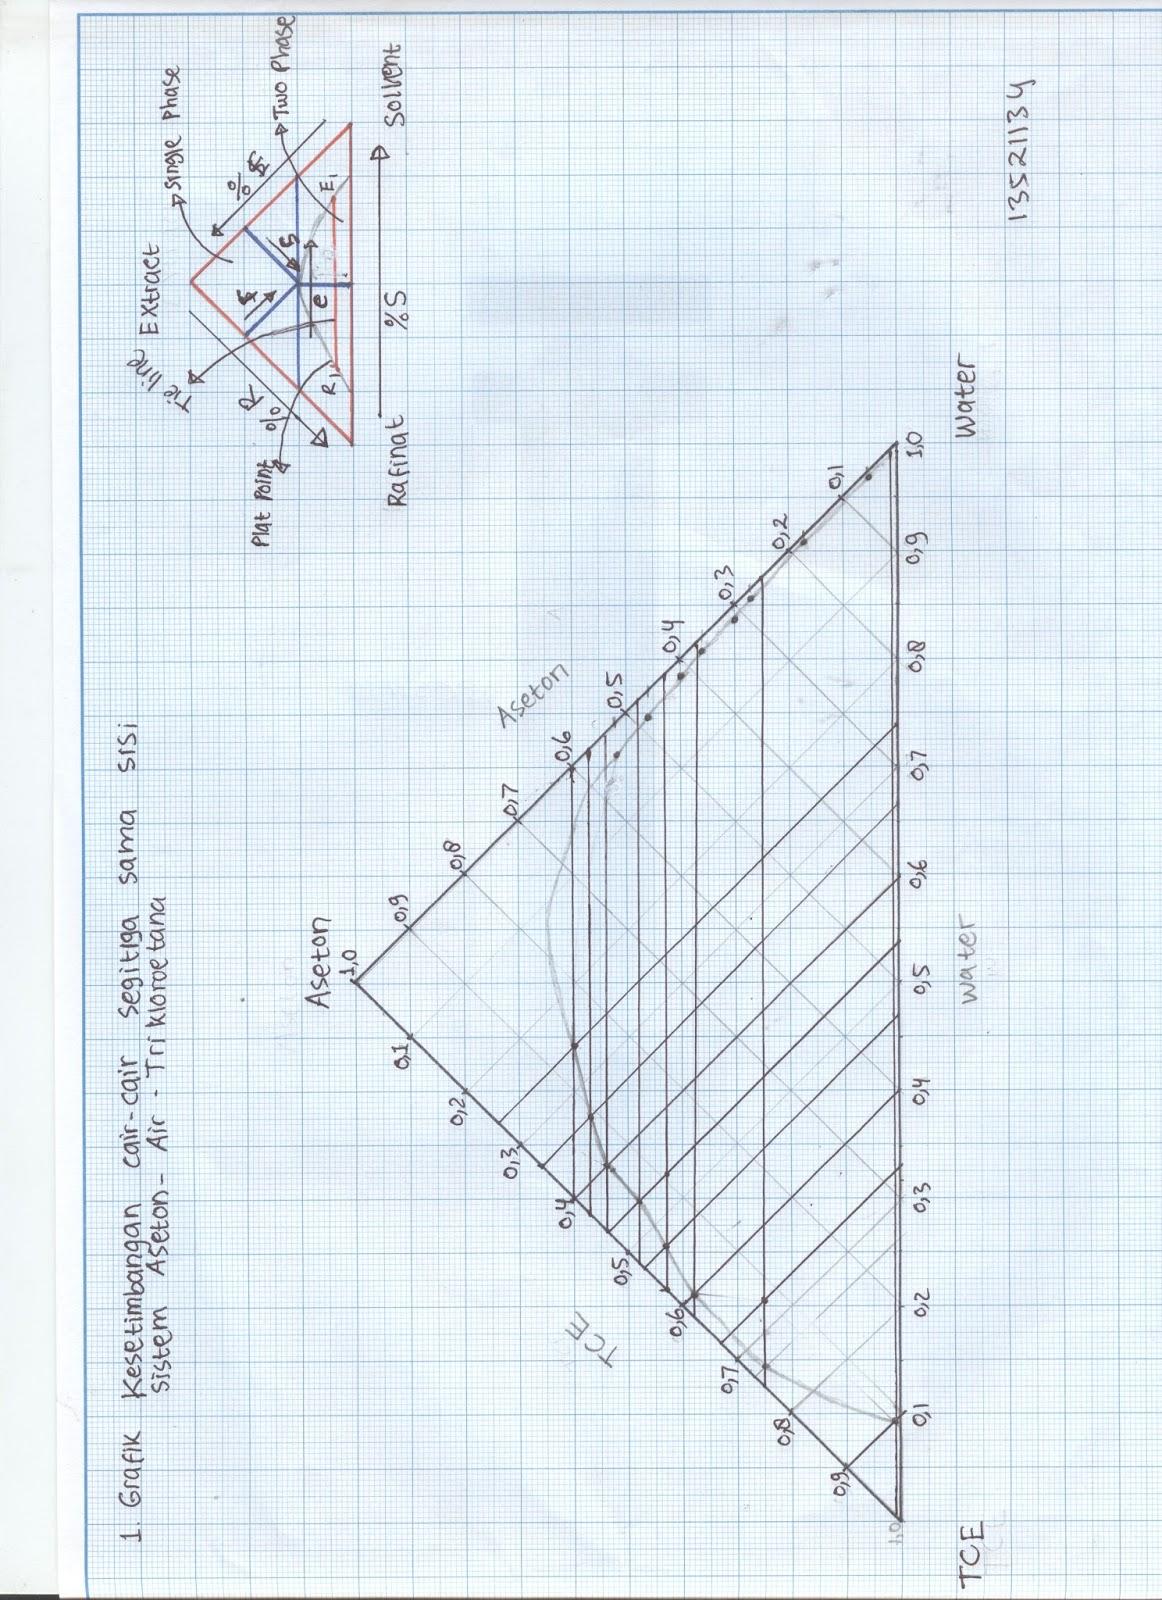 Grafik kesetimbangan cair cair sistem aseton air trikloroetana ccuart Image collections